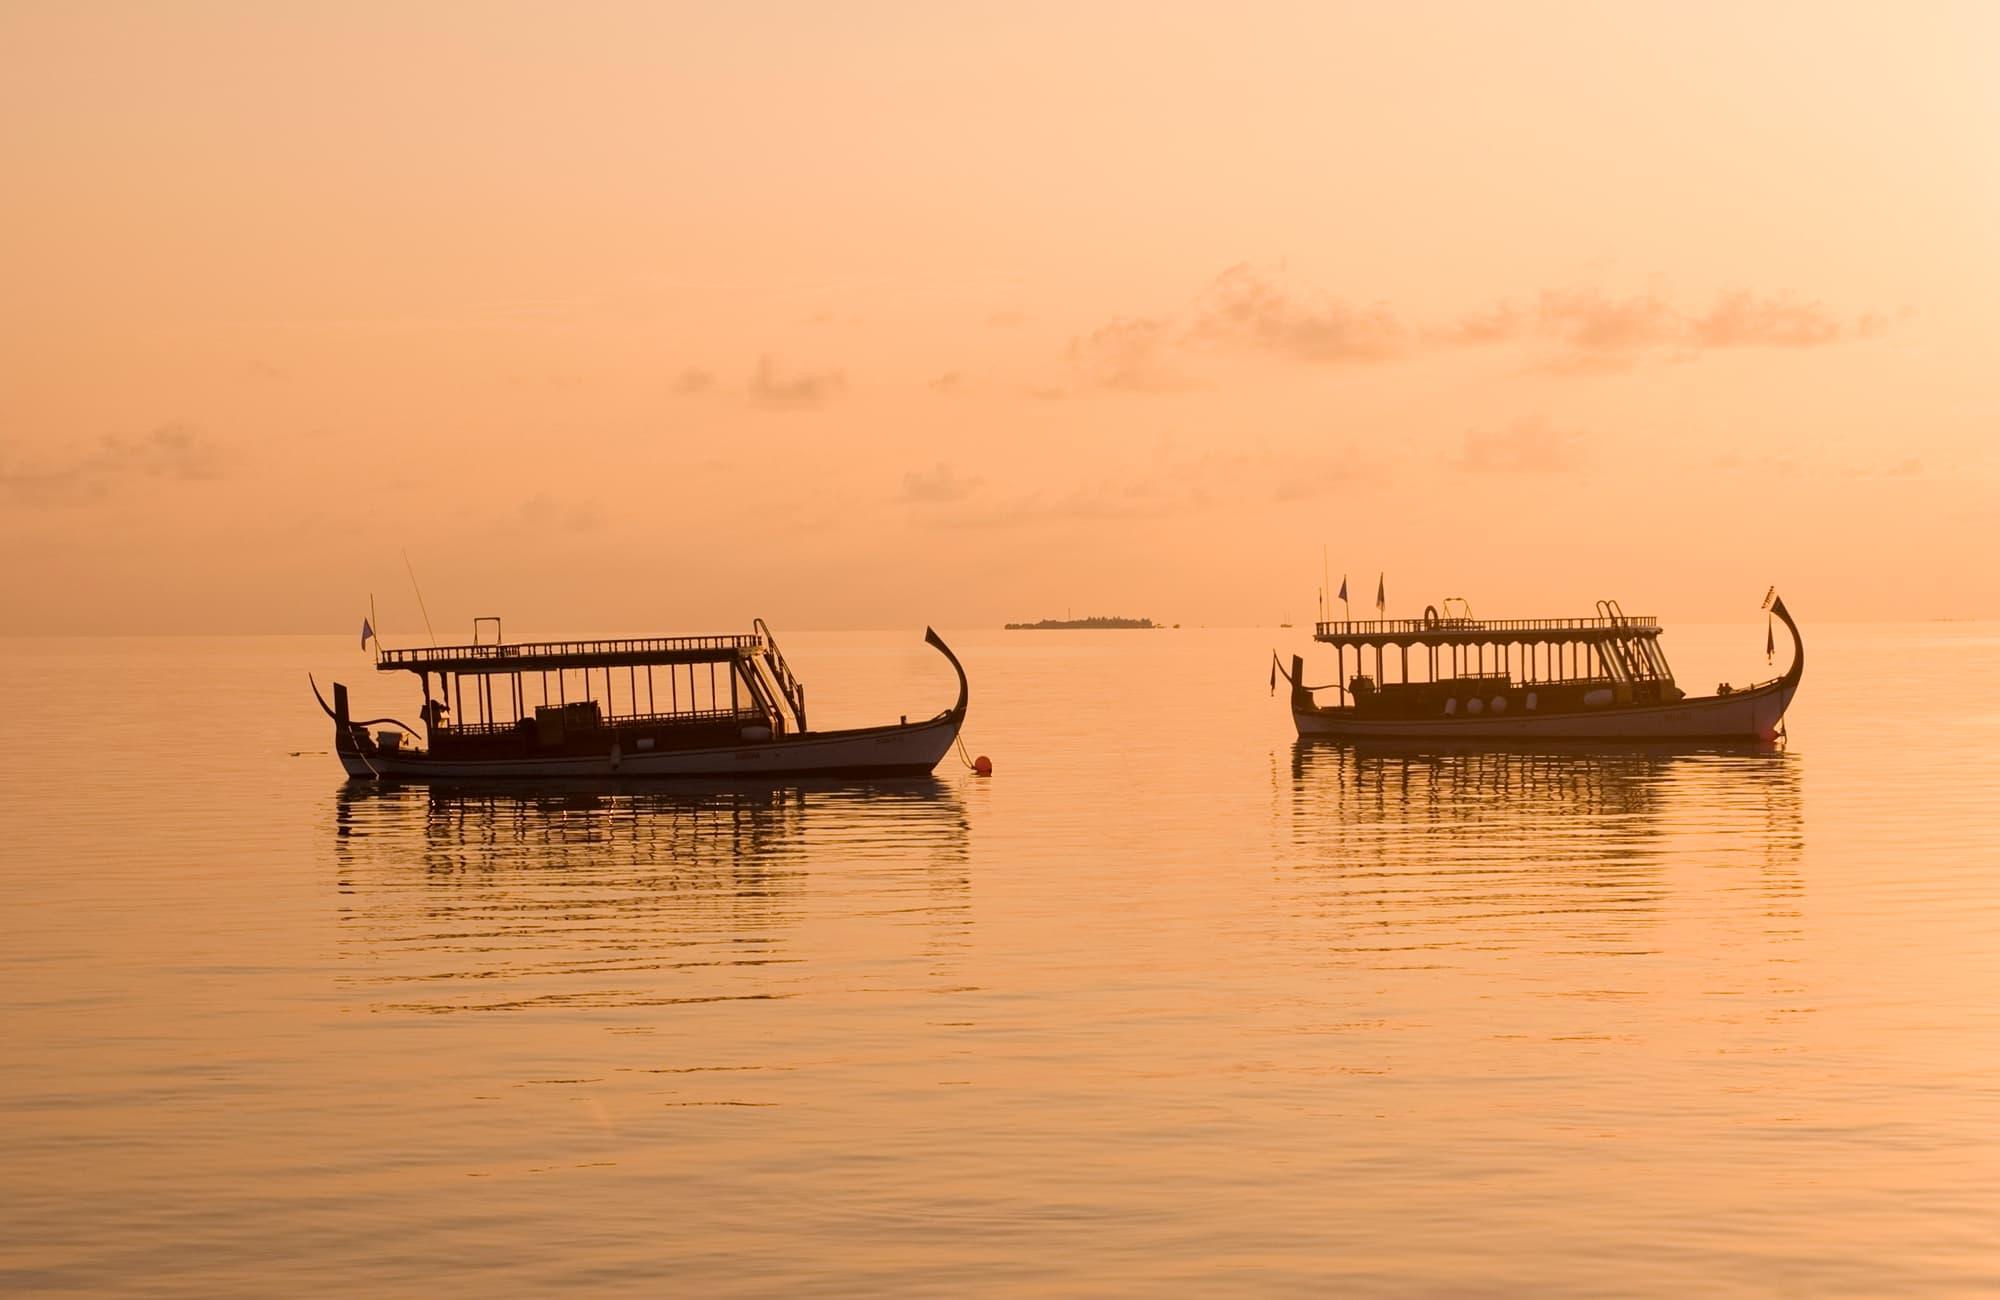 Voyage Maldives - Dhoni bateau de pêche au coucher du soleil - Amplitudes